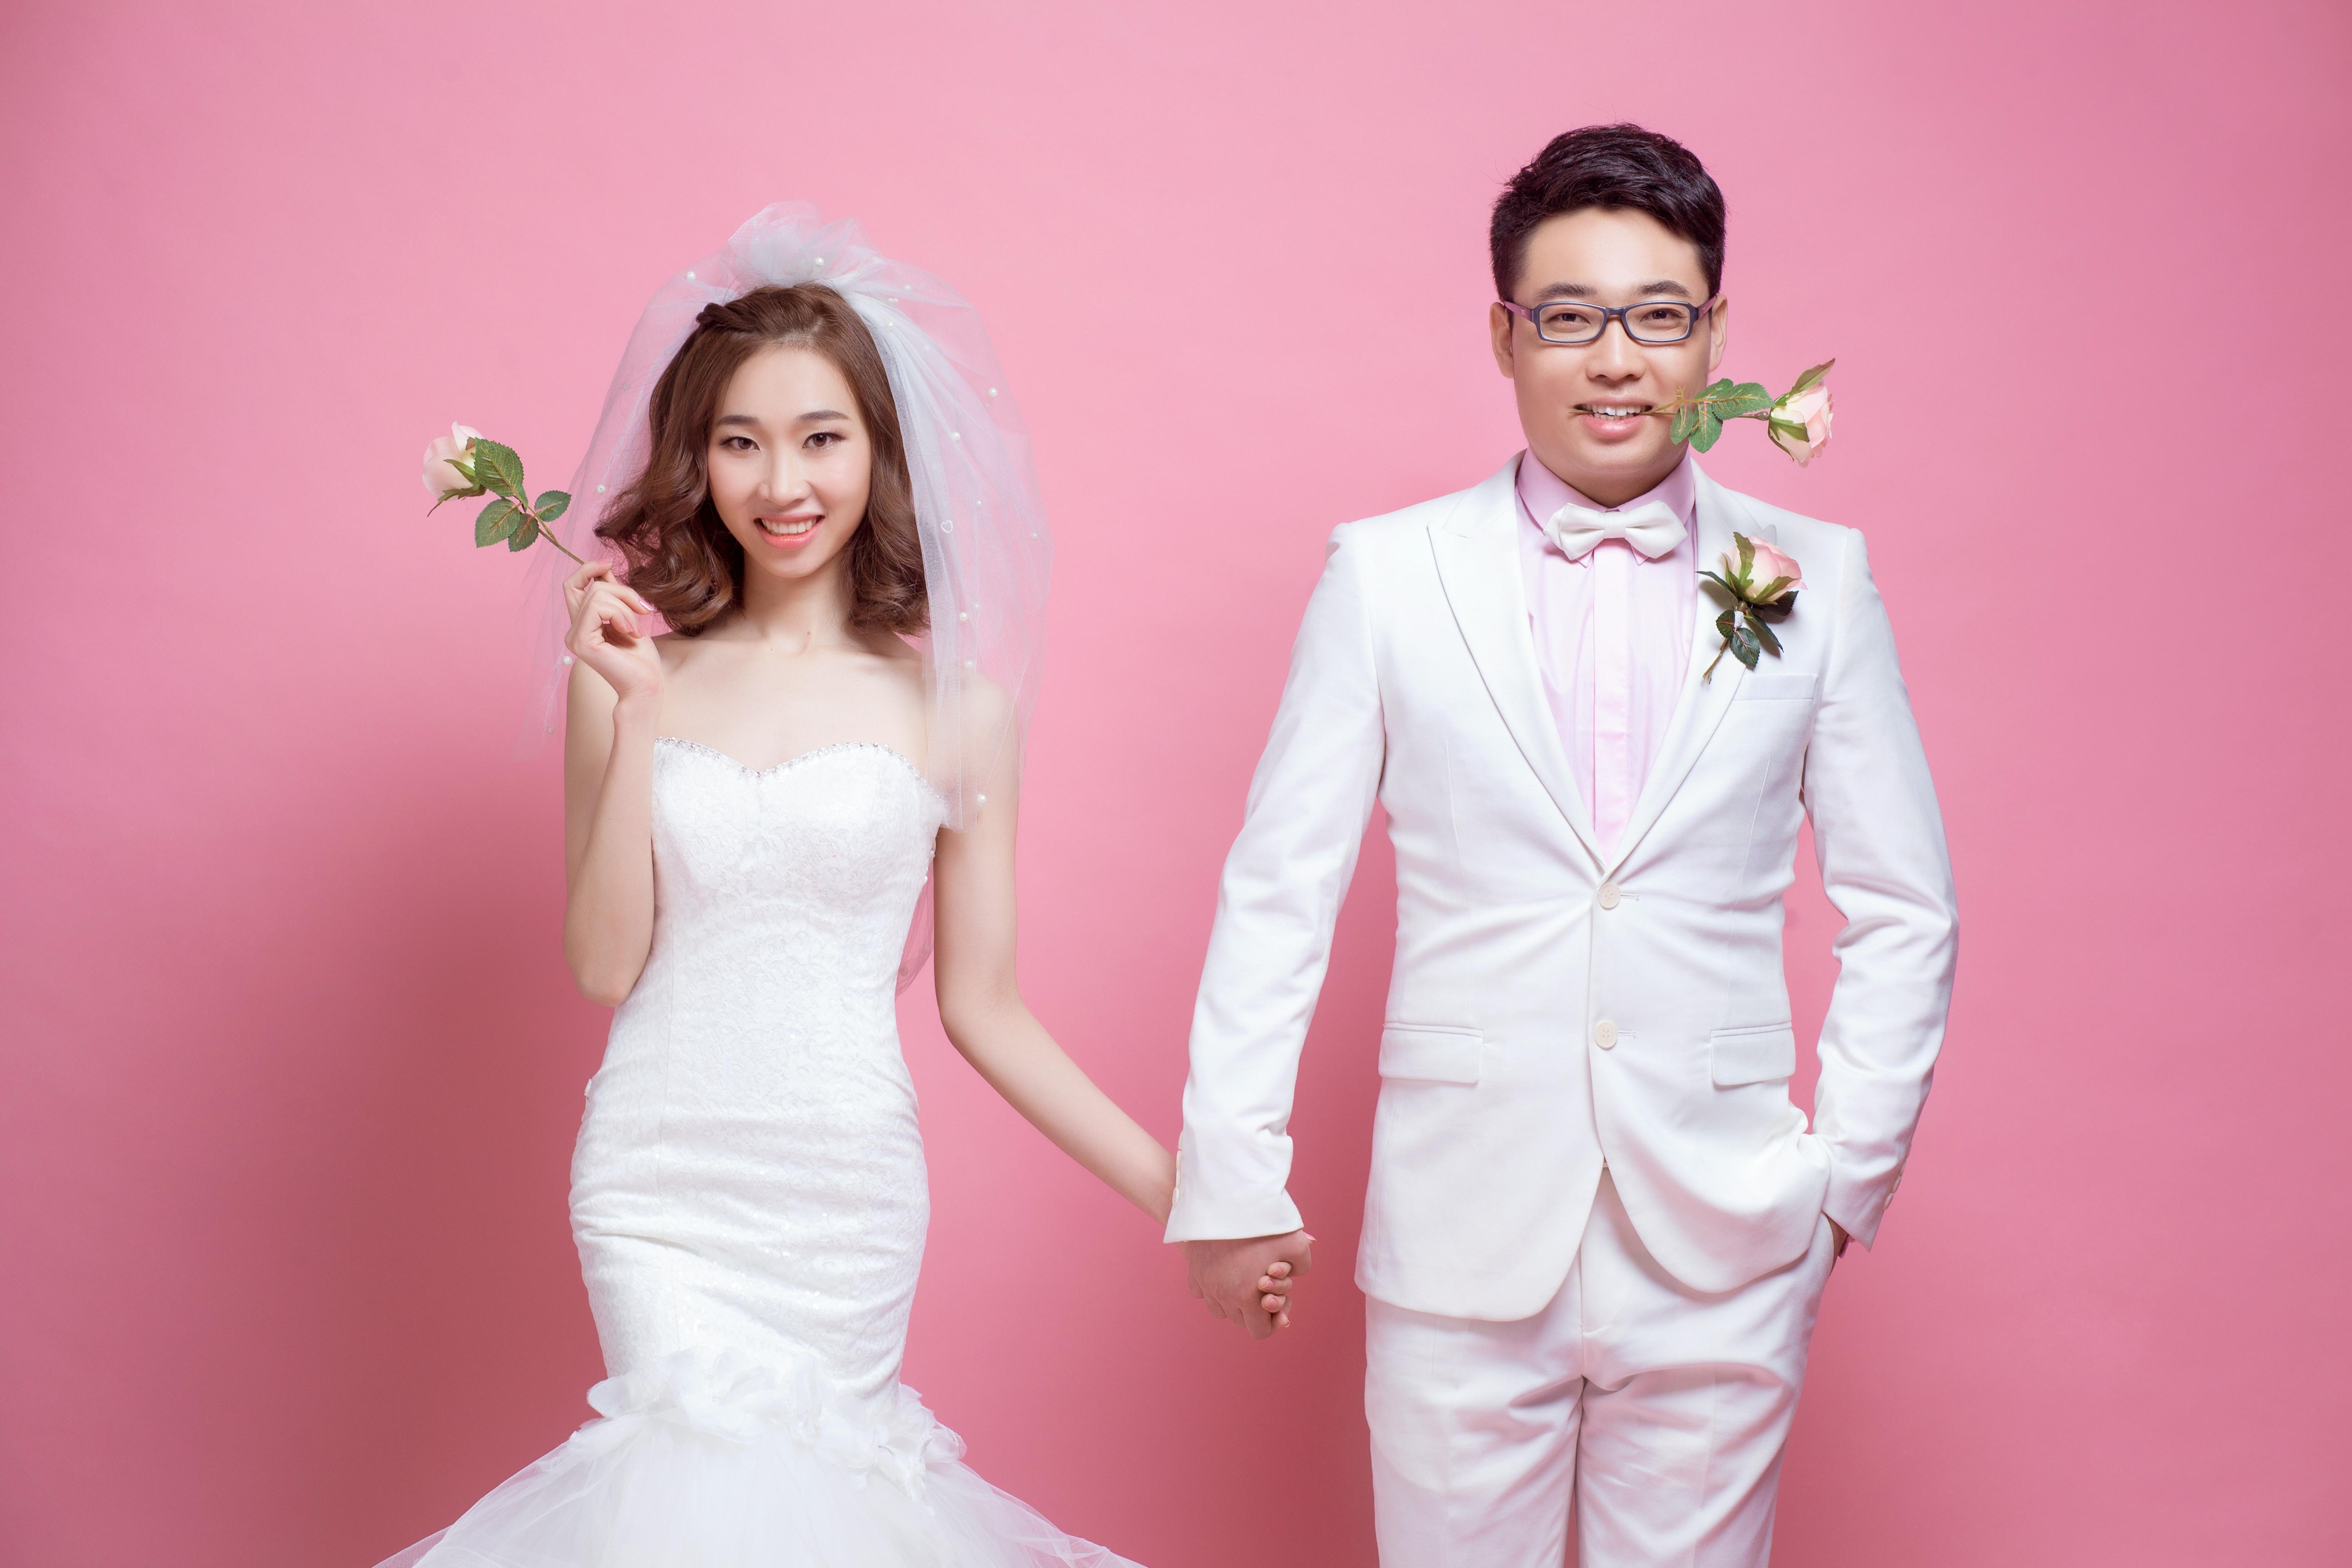 韩式婚纱_韩式婚纱照片图片大全